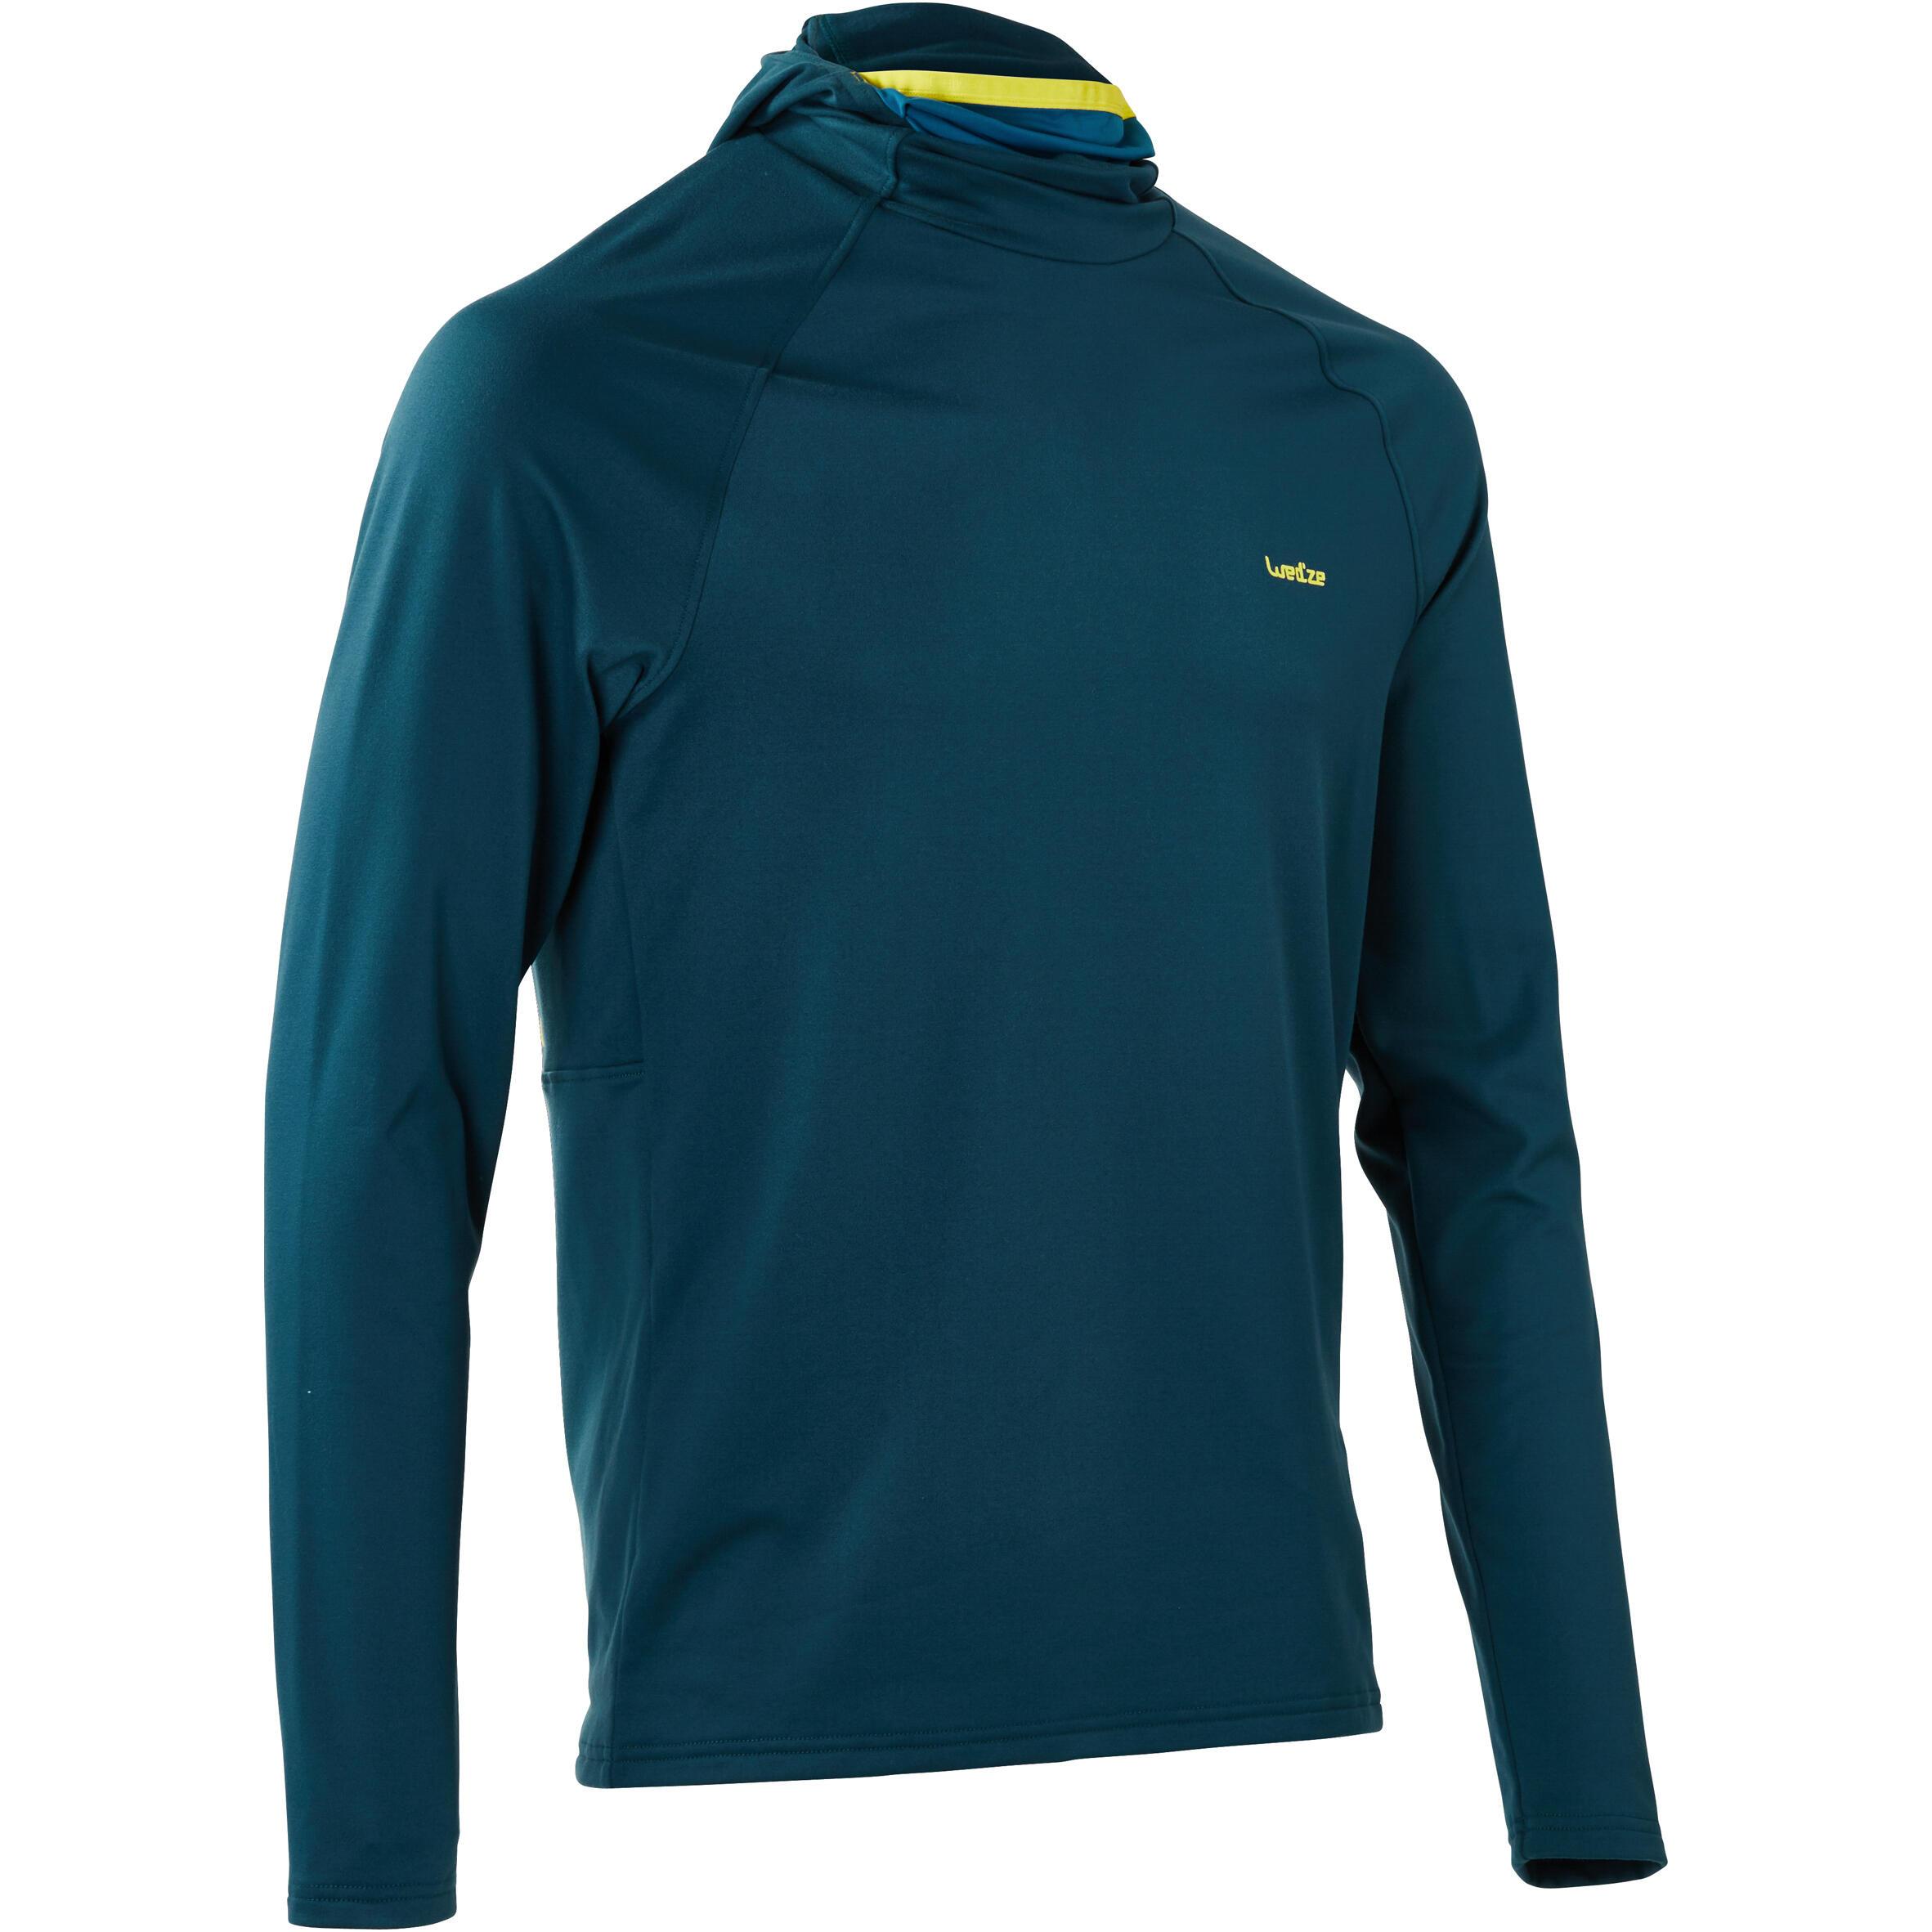 Skiunterwäsche Funktionsshirt Freshwarm Neck Herren blau | Sportbekleidung > Funktionswäsche > Thermounterwäsche | Blau - Türkis - Gelb | Wed´ze